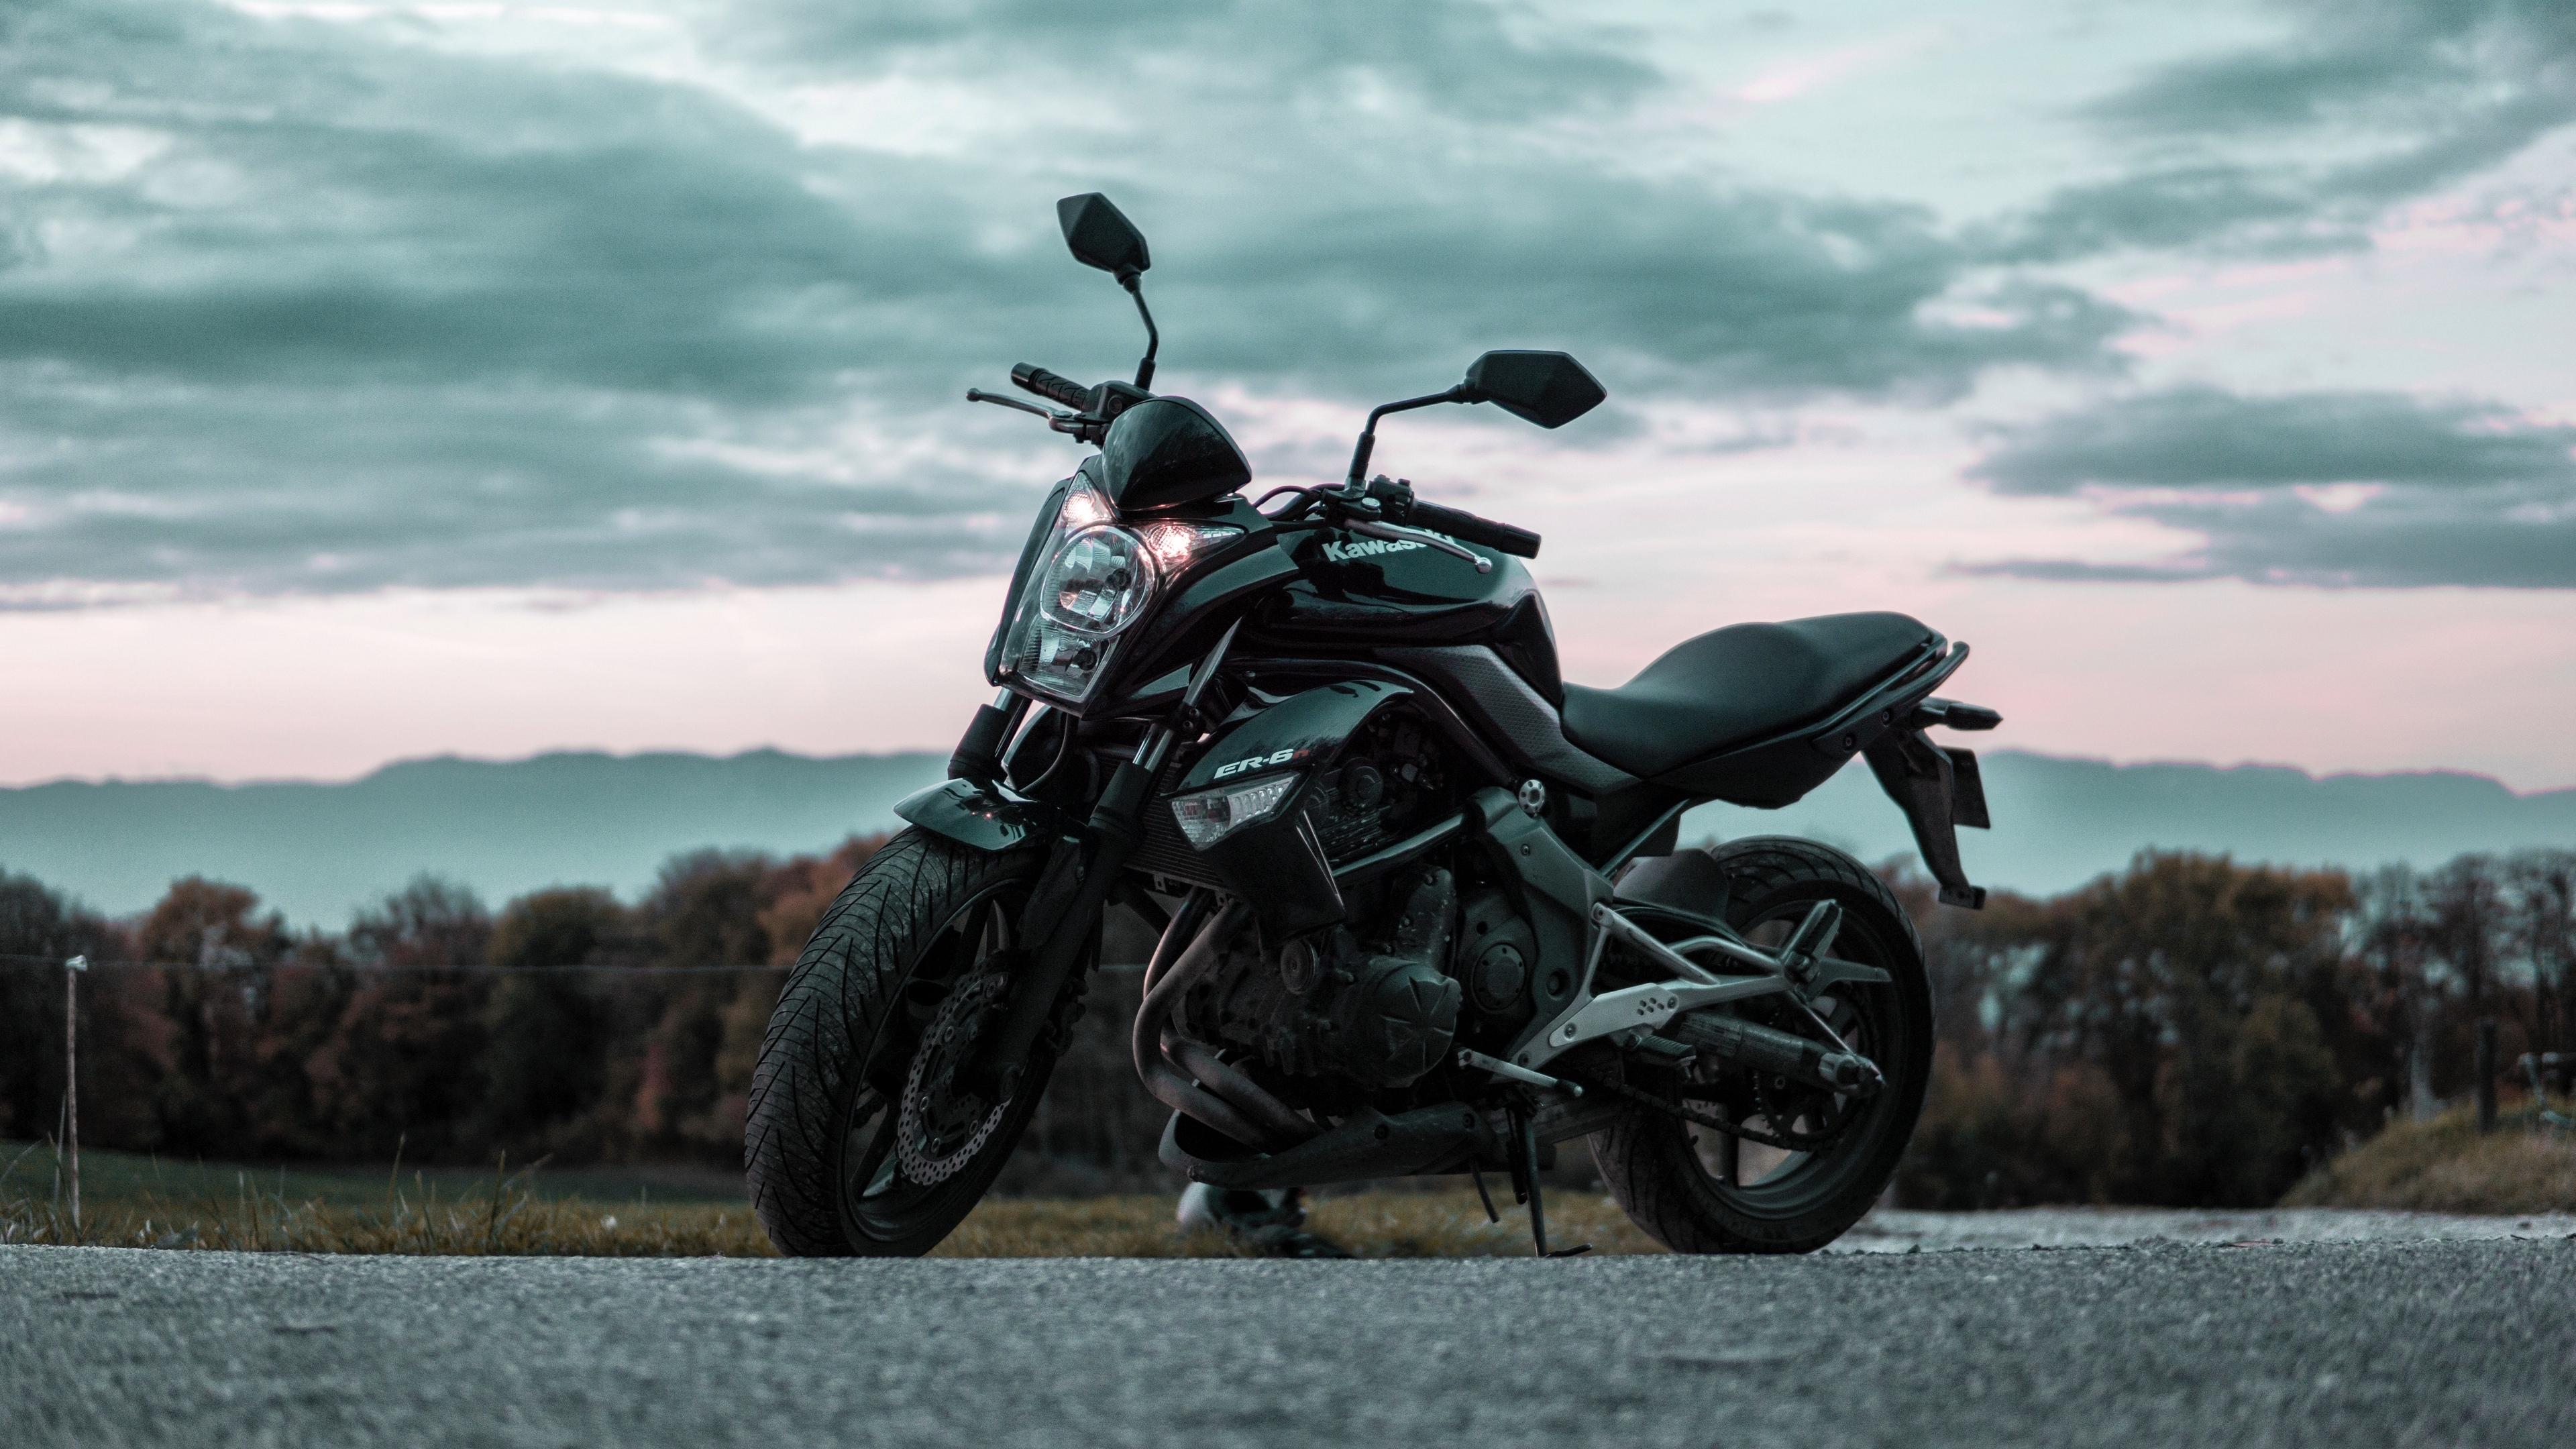 motorcycle side view road asphalt 4k 1536018937 - motorcycle, side view, road, asphalt 4k - side view, Road, Motorcycle